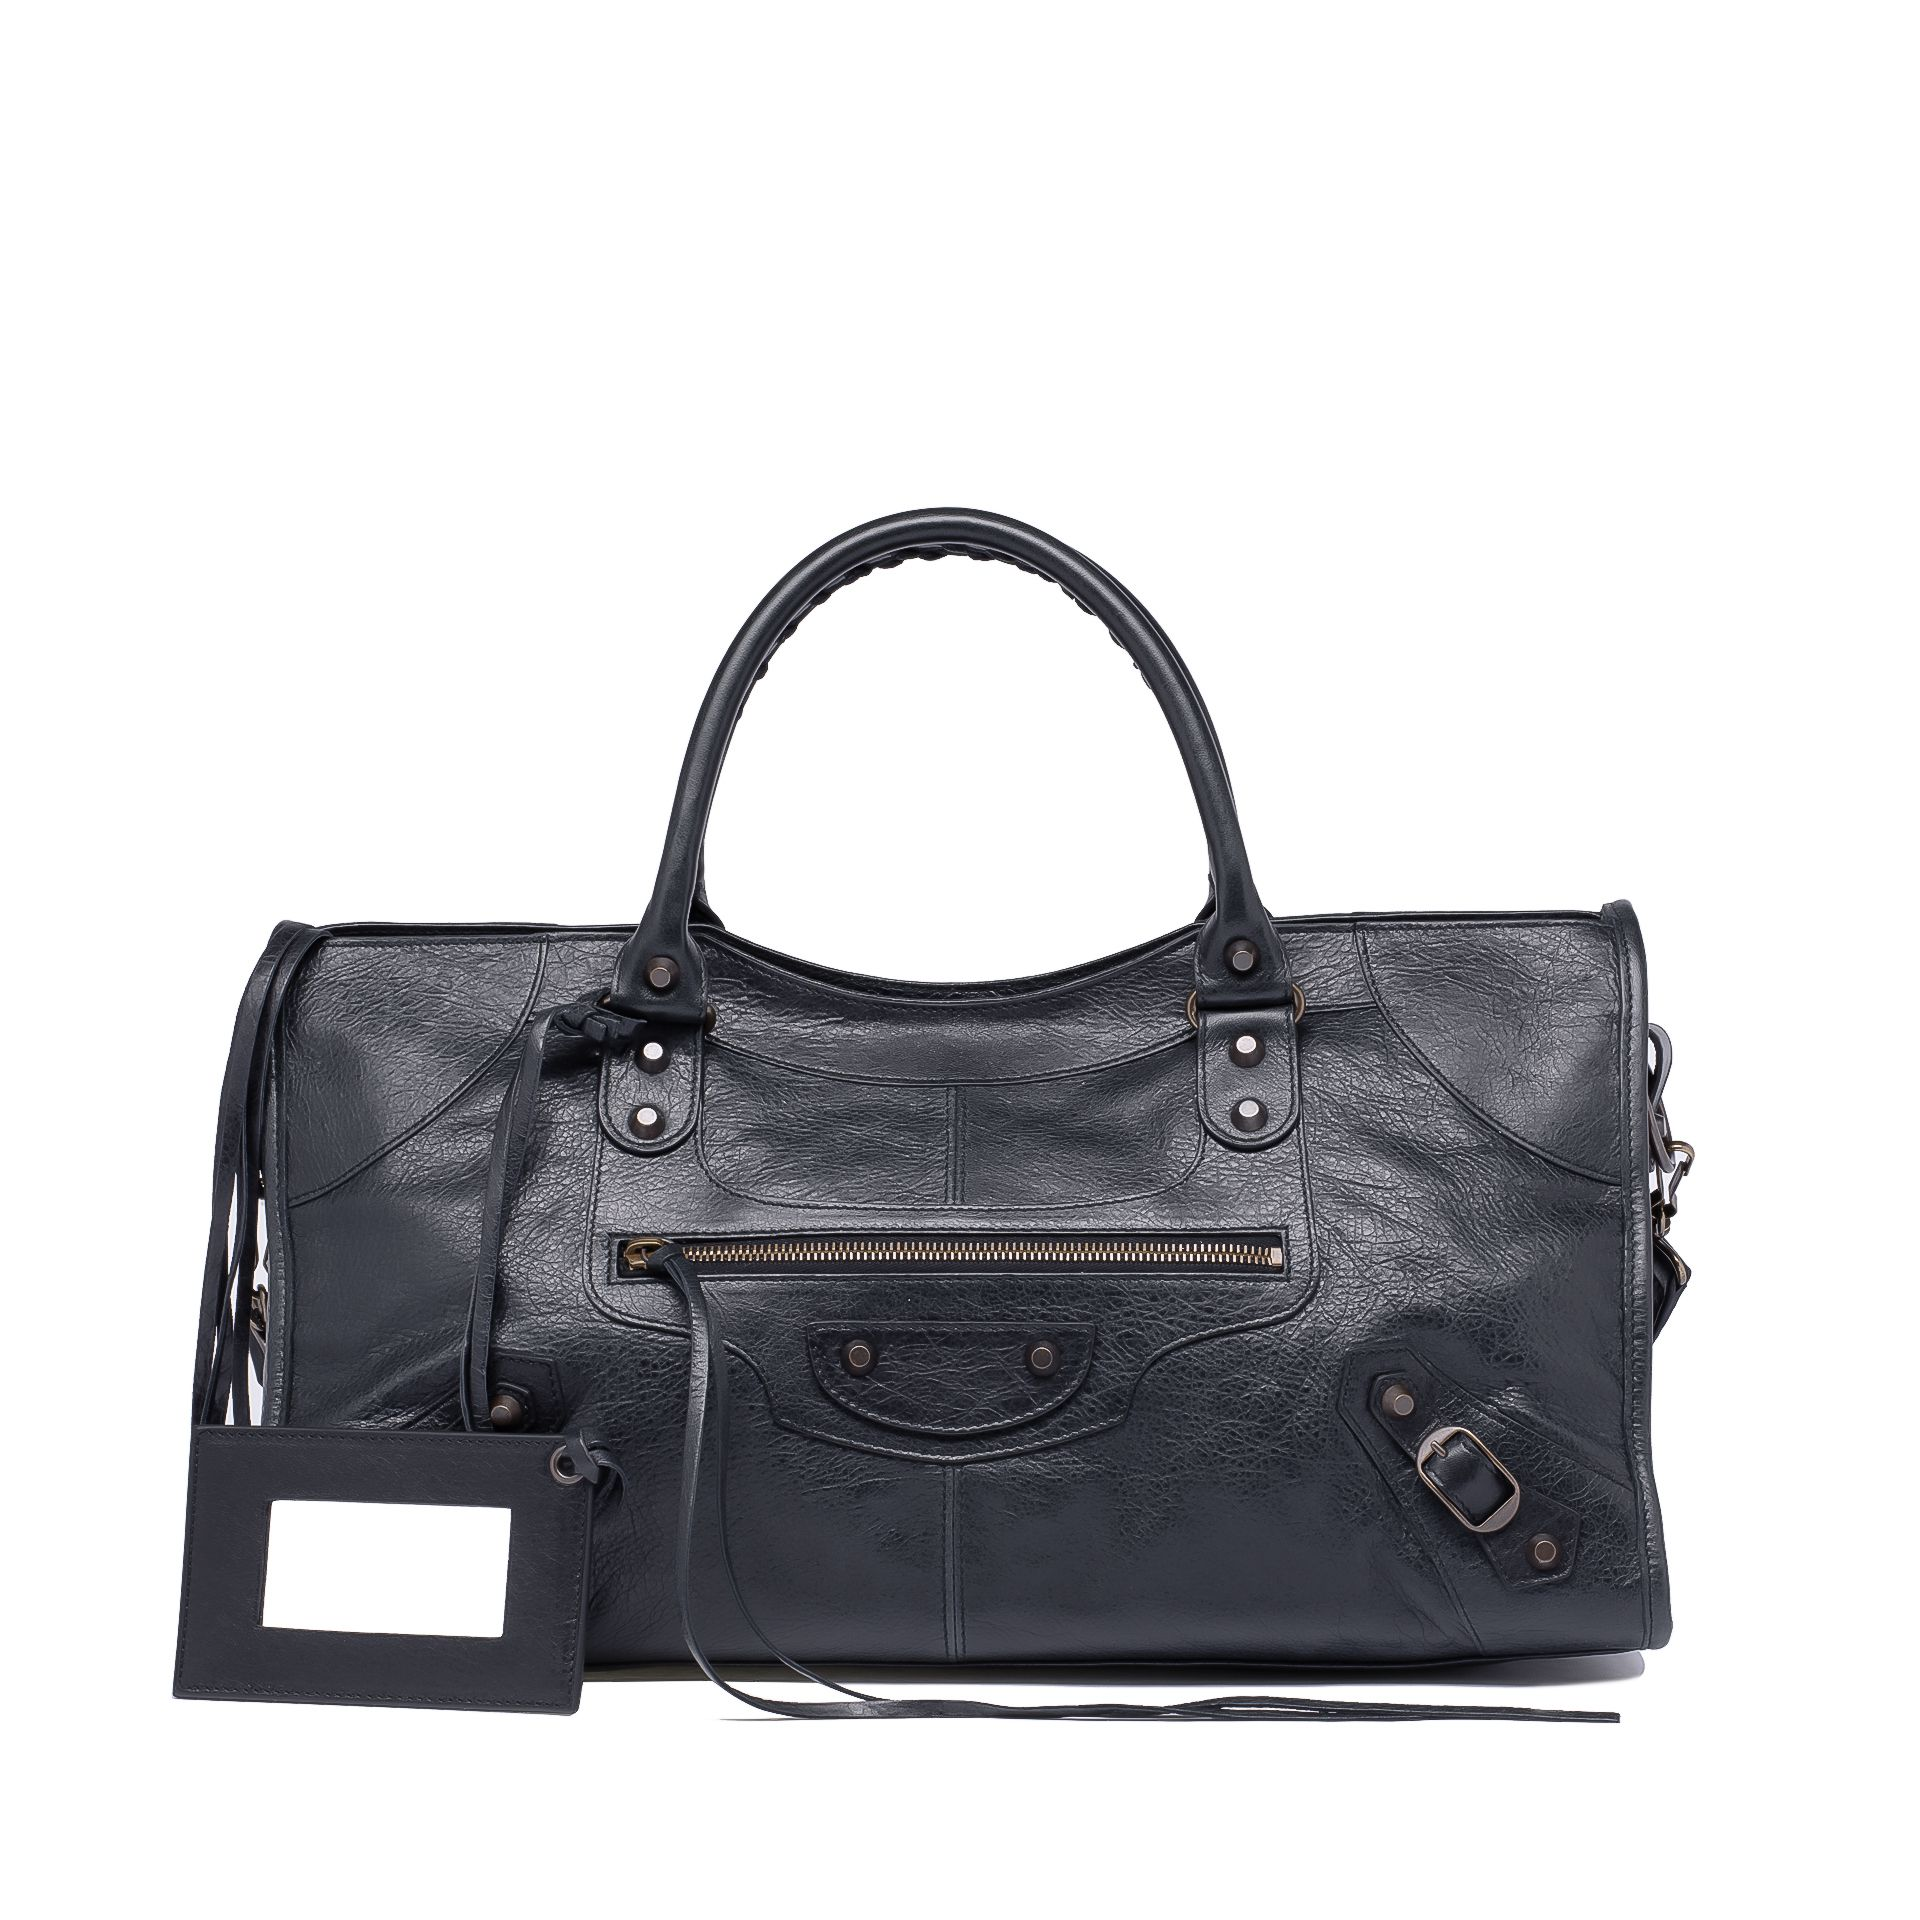 Balenciaga Classic Part Time Balenciaga - Cross Body Bags Women - Handbags Balenciaga